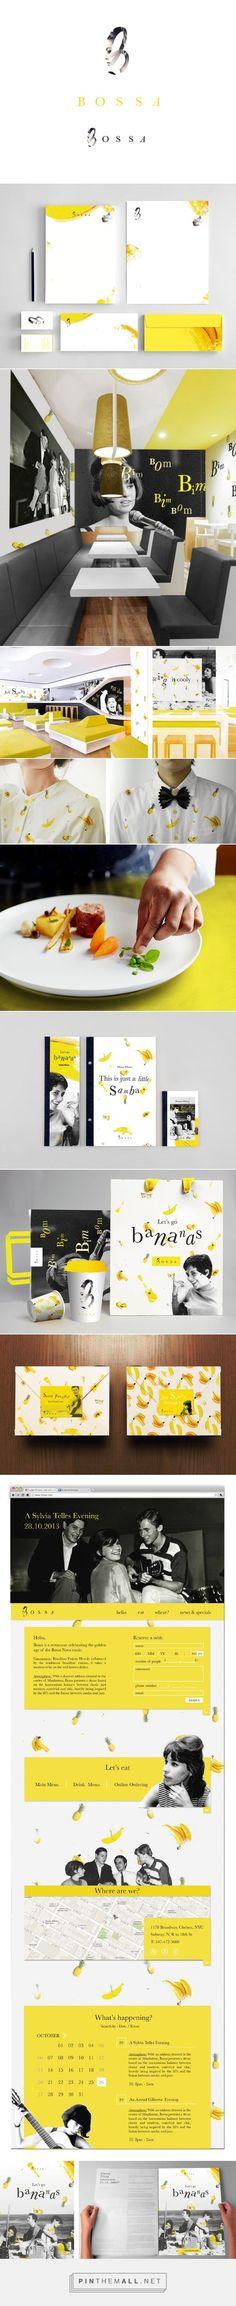 Bossa Restaurant Branding by Nat K. | Fivestar Branding Agency – Design and Branding Agency & Inspiration Gallery